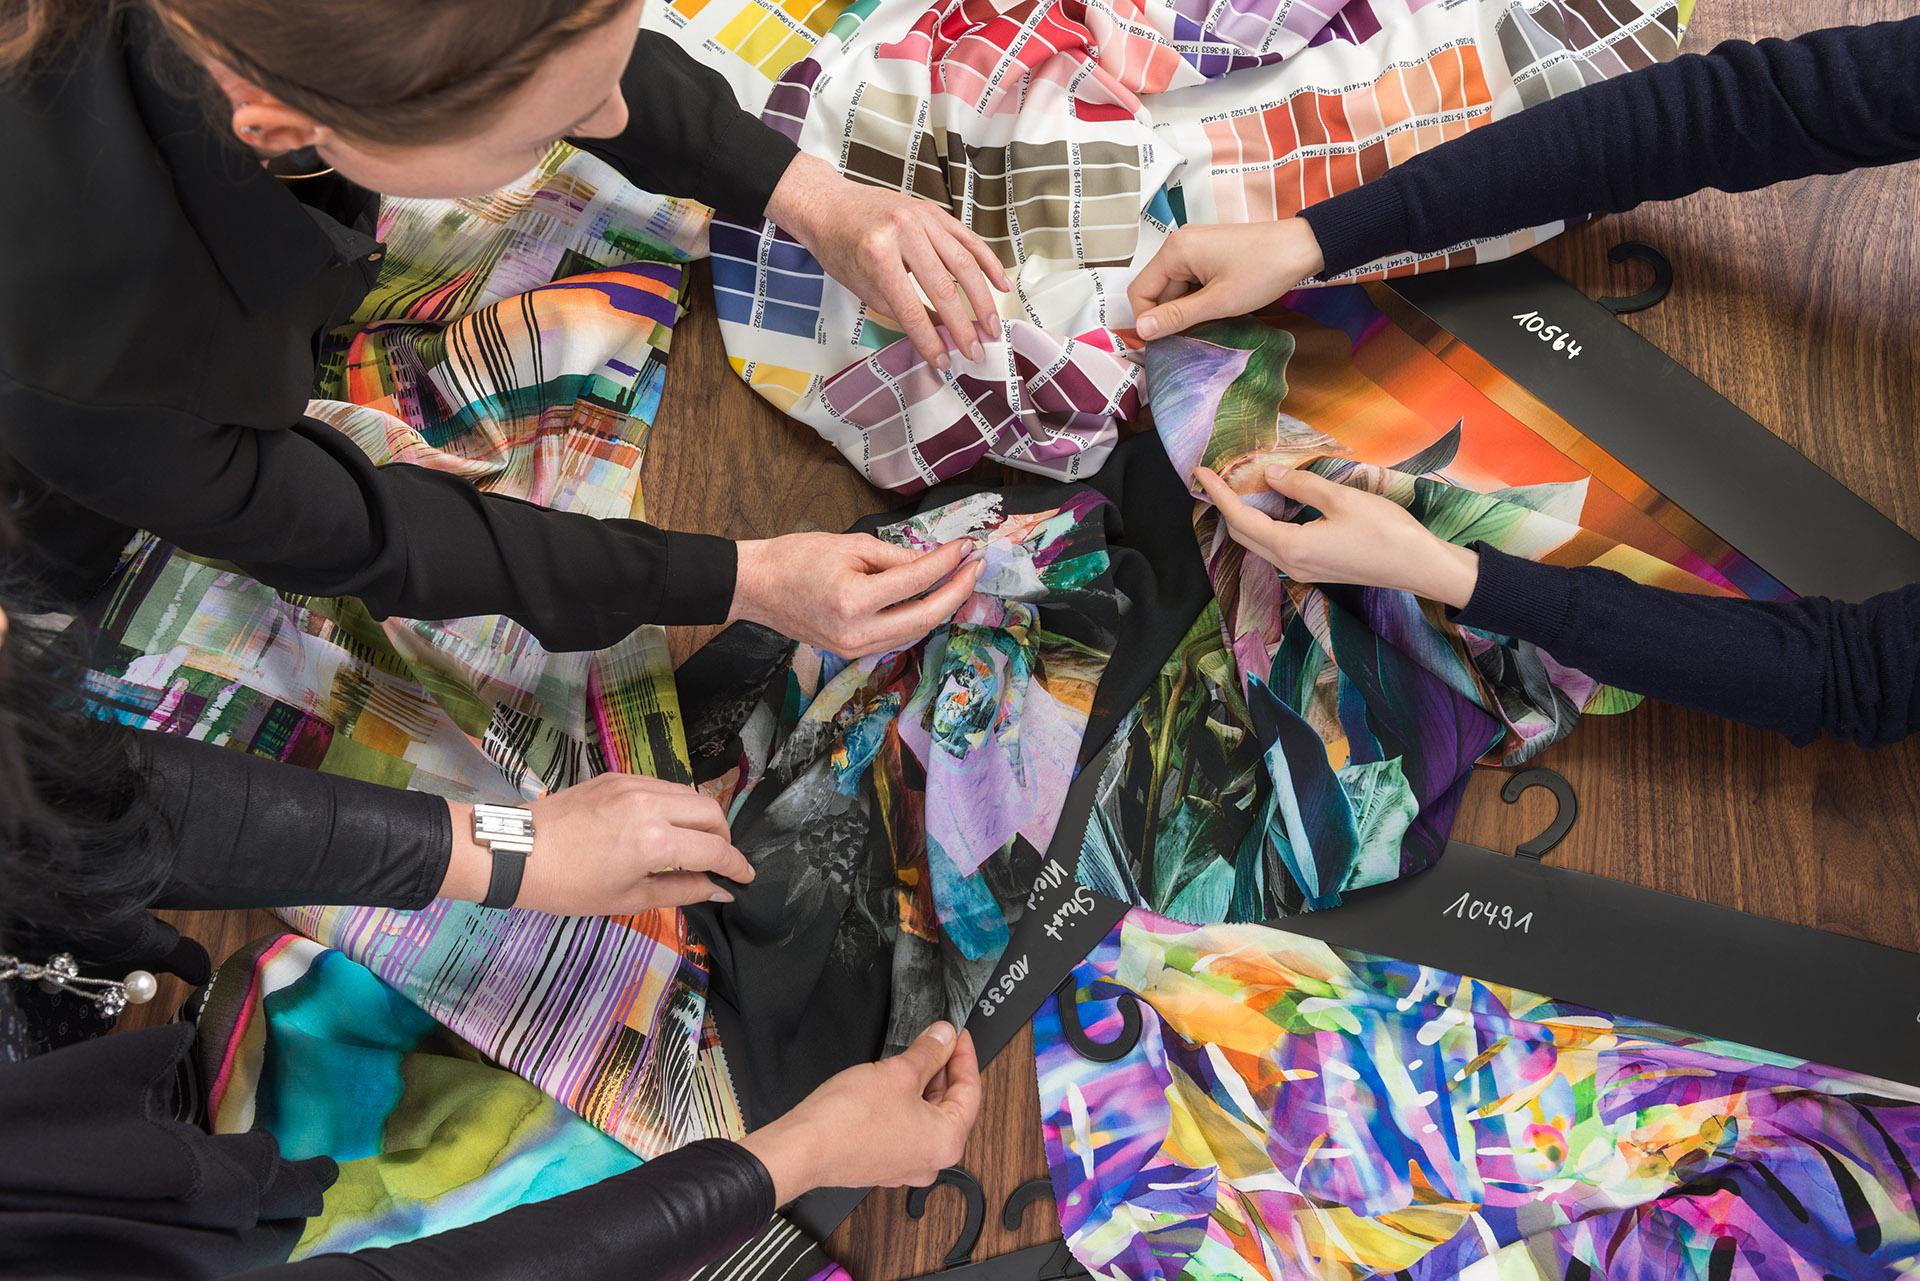 Mitarbeiterinnen bei Kollektionsbesprechung mit bunten Stoffen auf Holztisch. Feigfotodesign